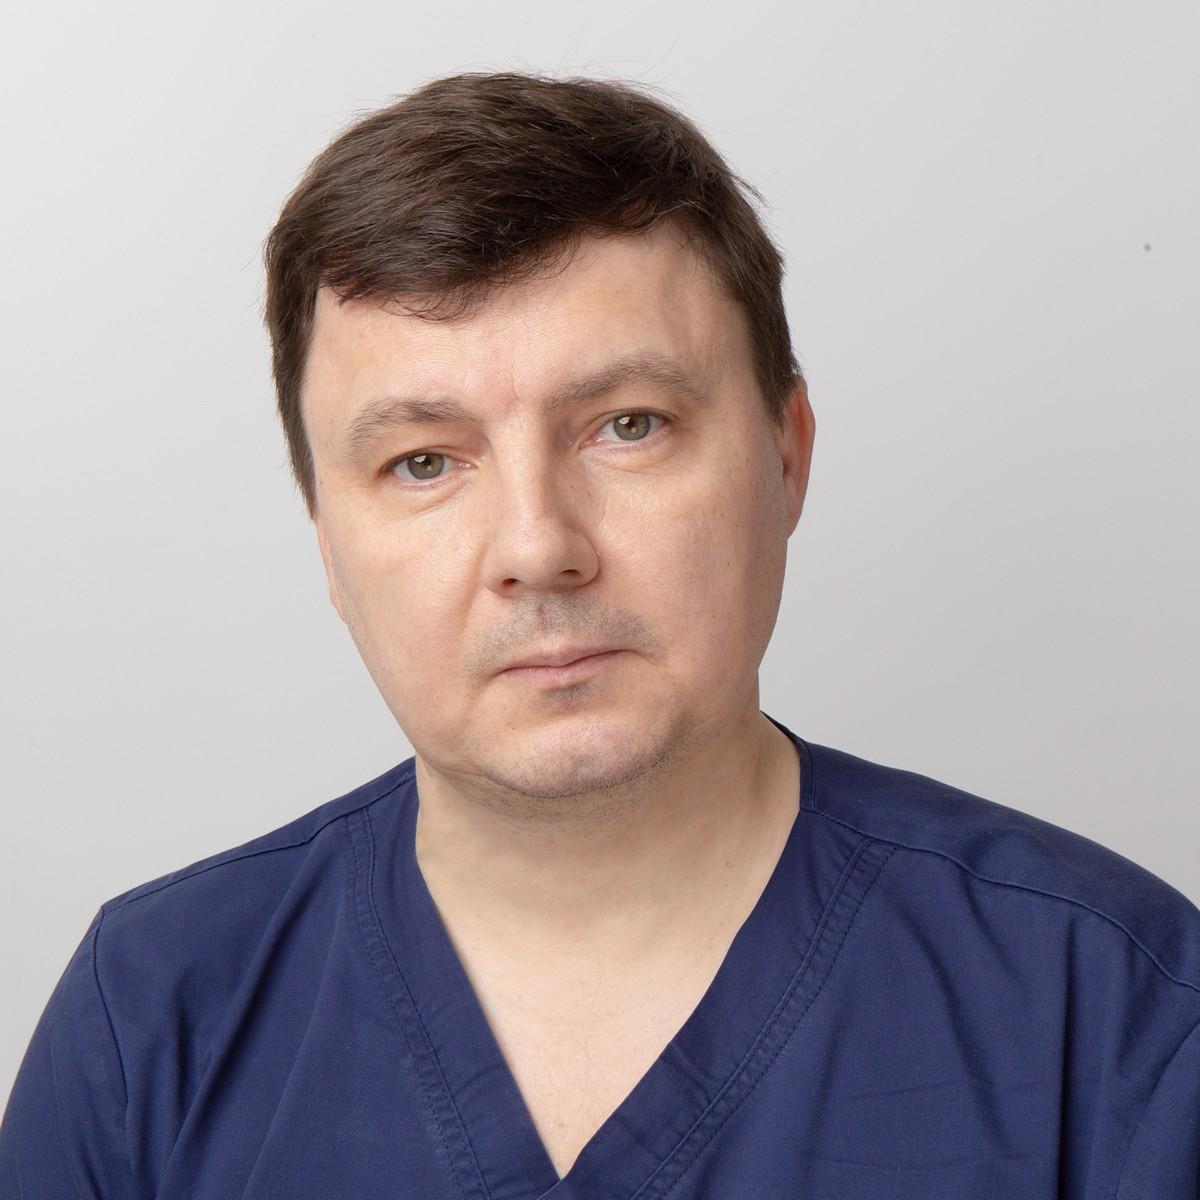 Козлов Василий Юрьевич